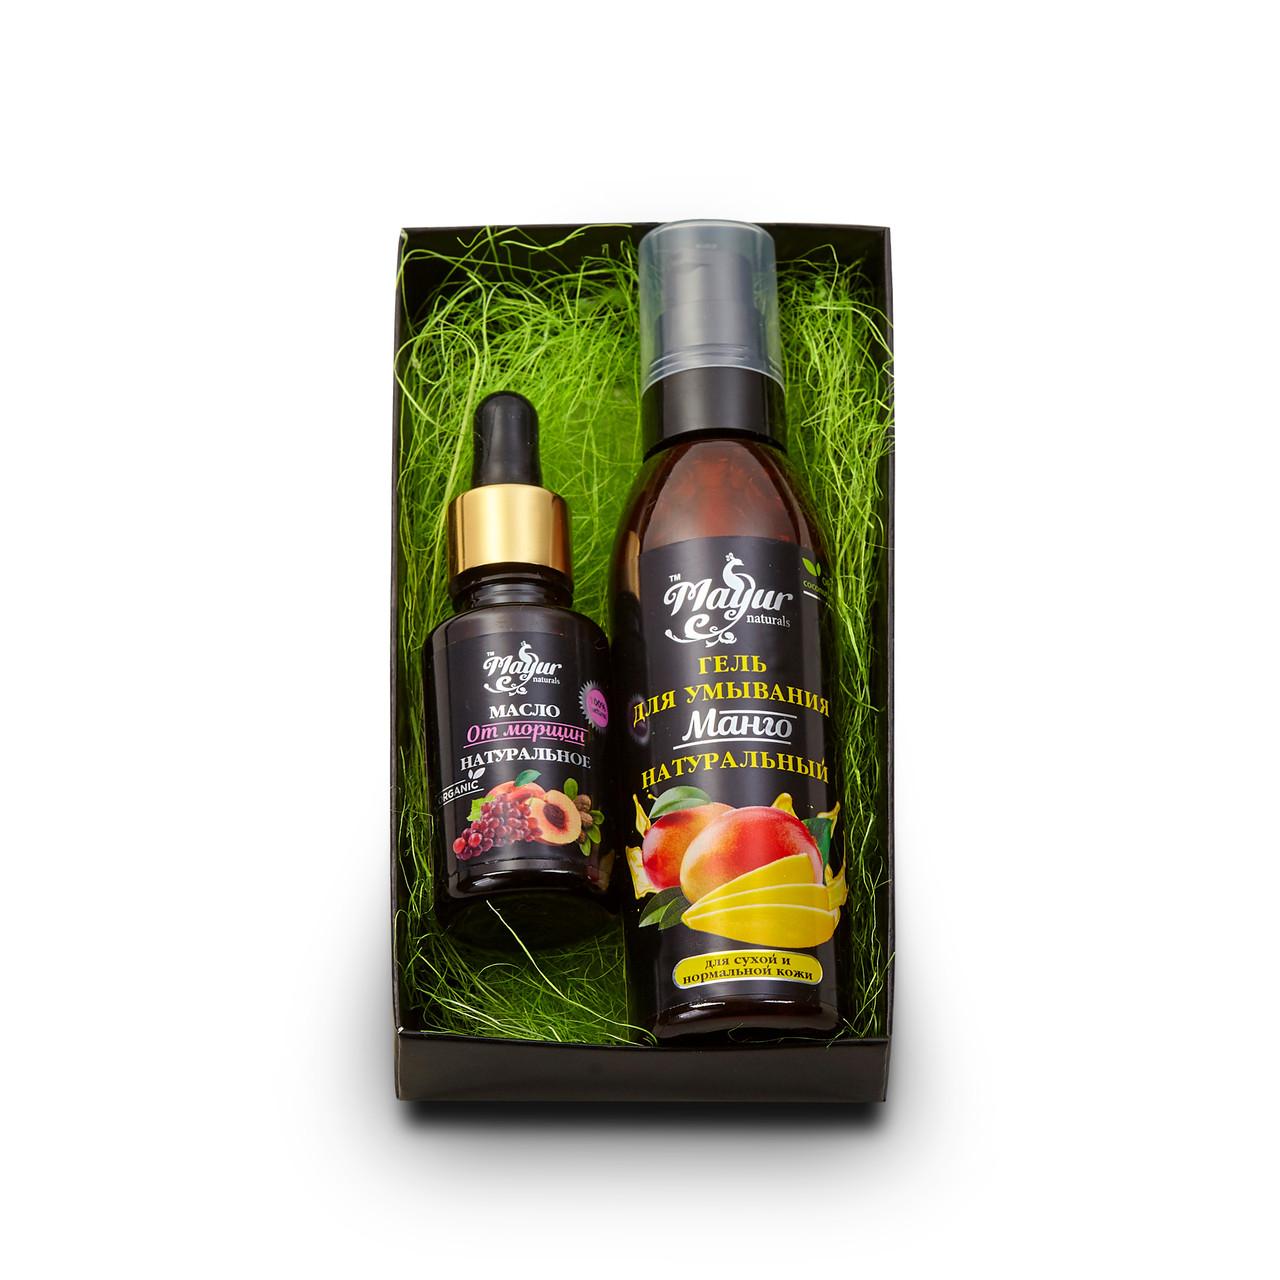 """Подарочный набор по уходу за сухой кожей (Гель для вмивання """"Манго"""" 100 мл + Масло для лица против морщин)"""